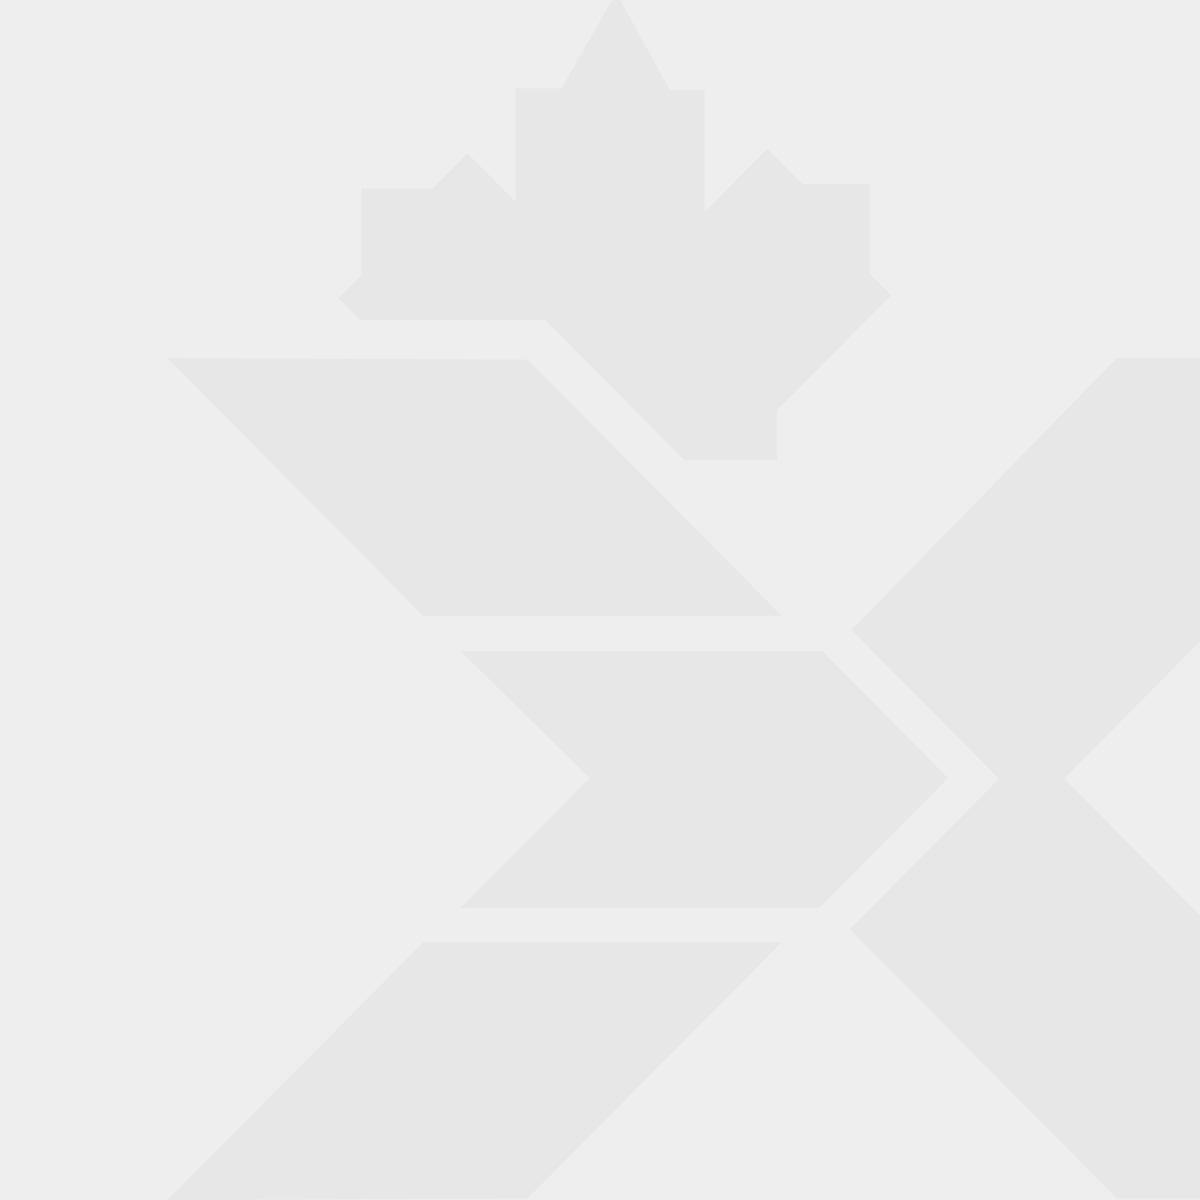 Apple iPad 10.2 64GB 9th Gen Space Grey MK2K3VC/A